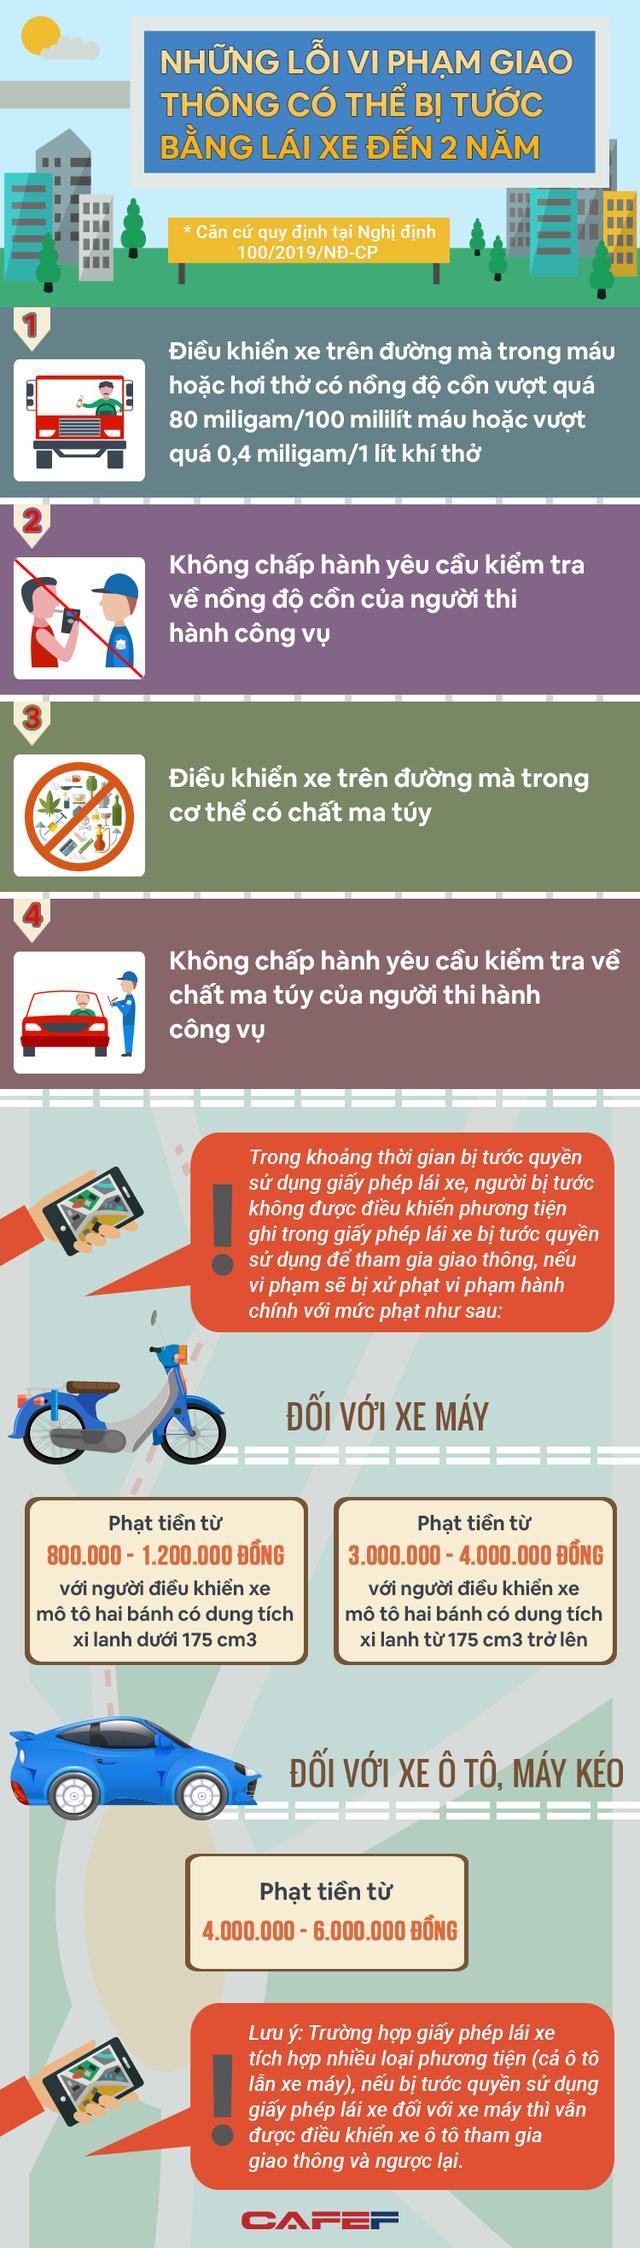 Infographic: Những lỗi vi phạm giao thông có thể bị tước bằng lái xe đến 02 năm - Ảnh 1.